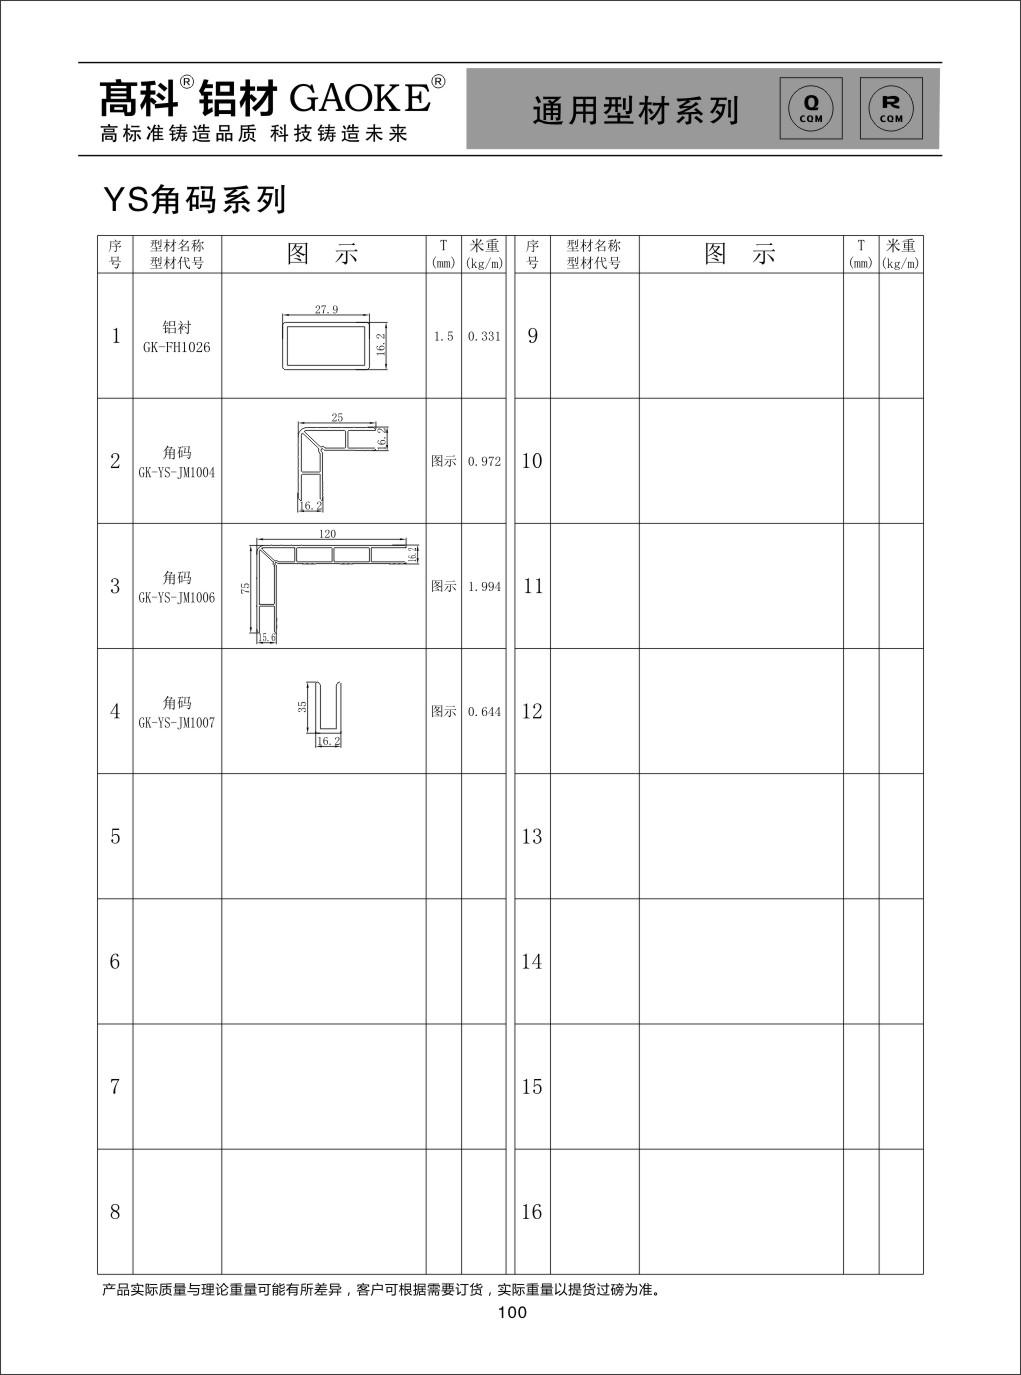 彩铝YS角码系列